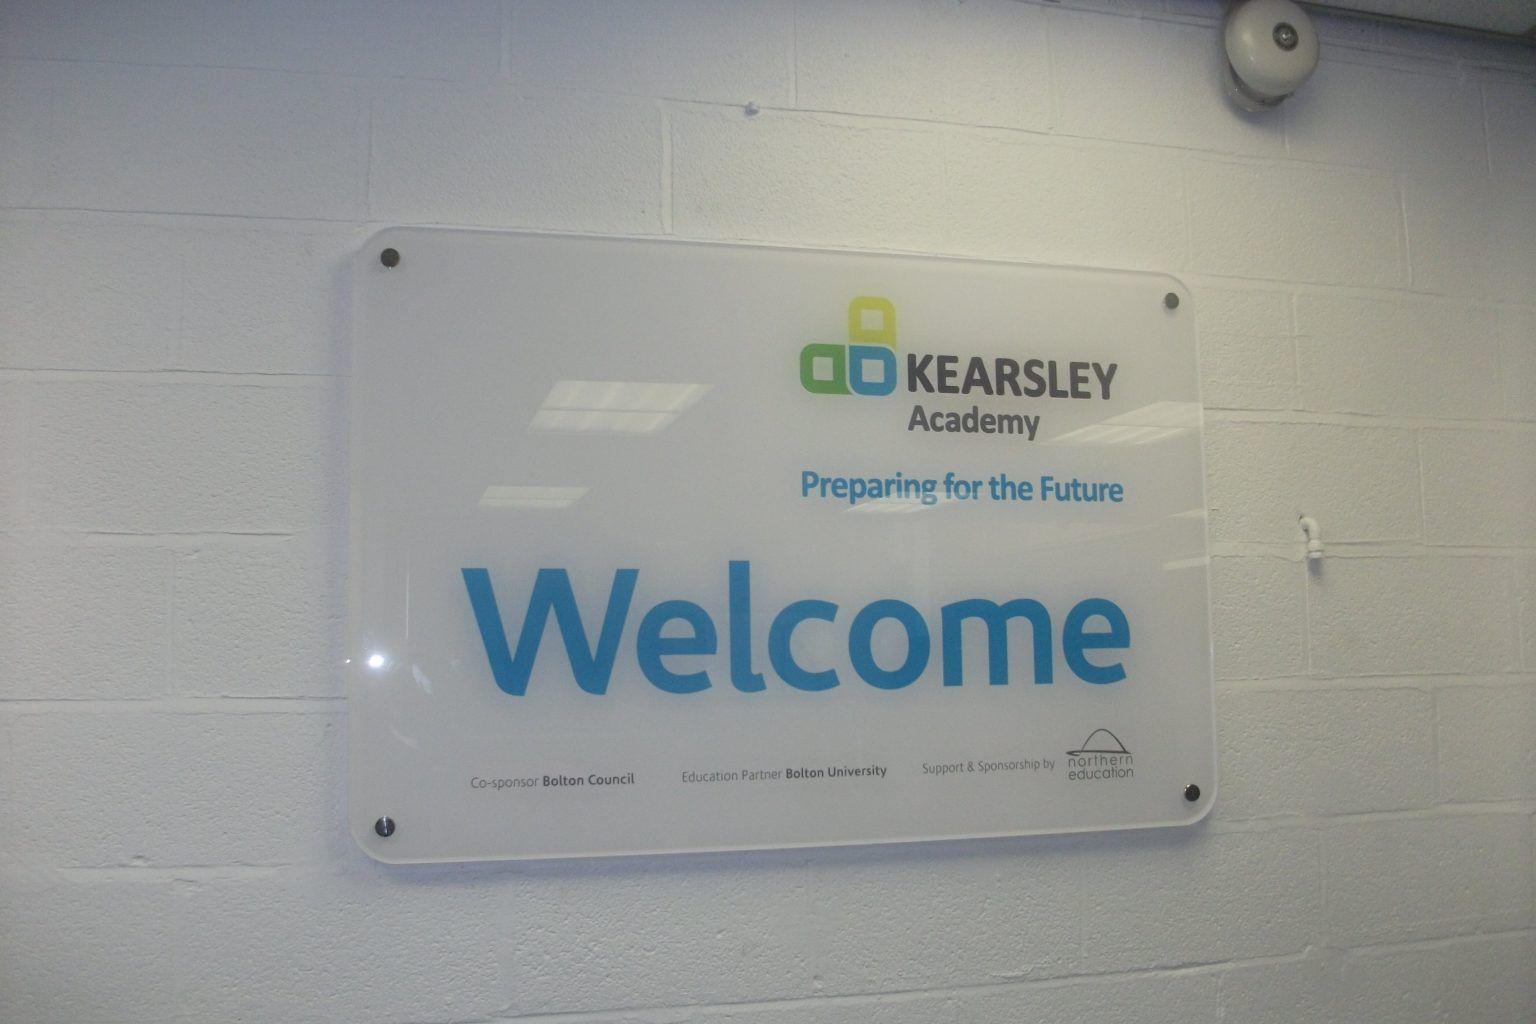 Kearsley Academy welcome wayfinding signs